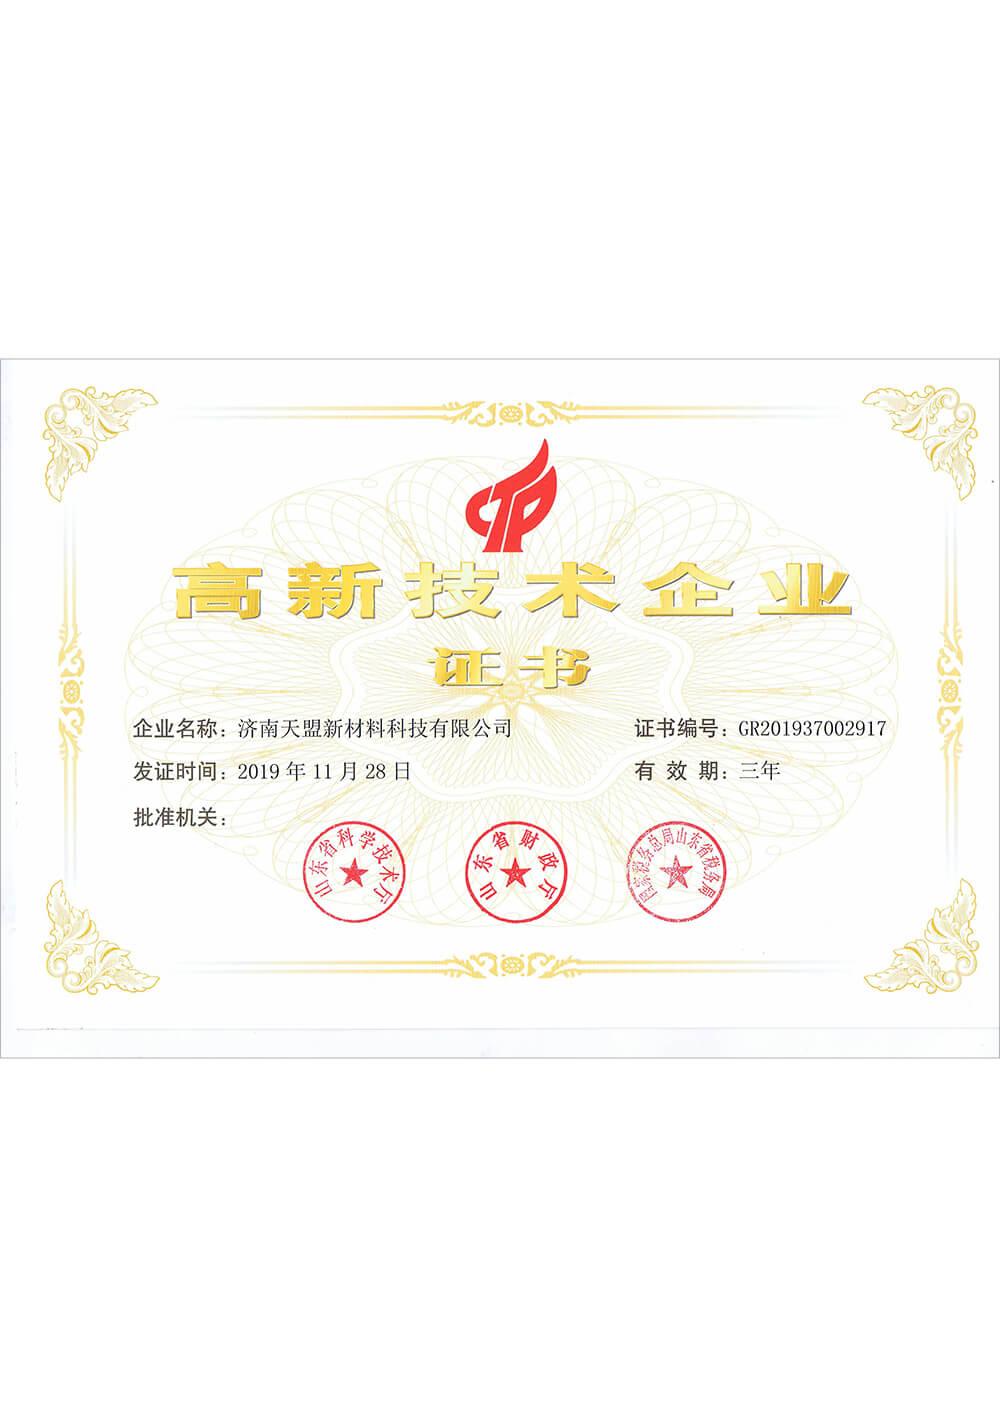 陶瓷刮刀加工荣誉证书